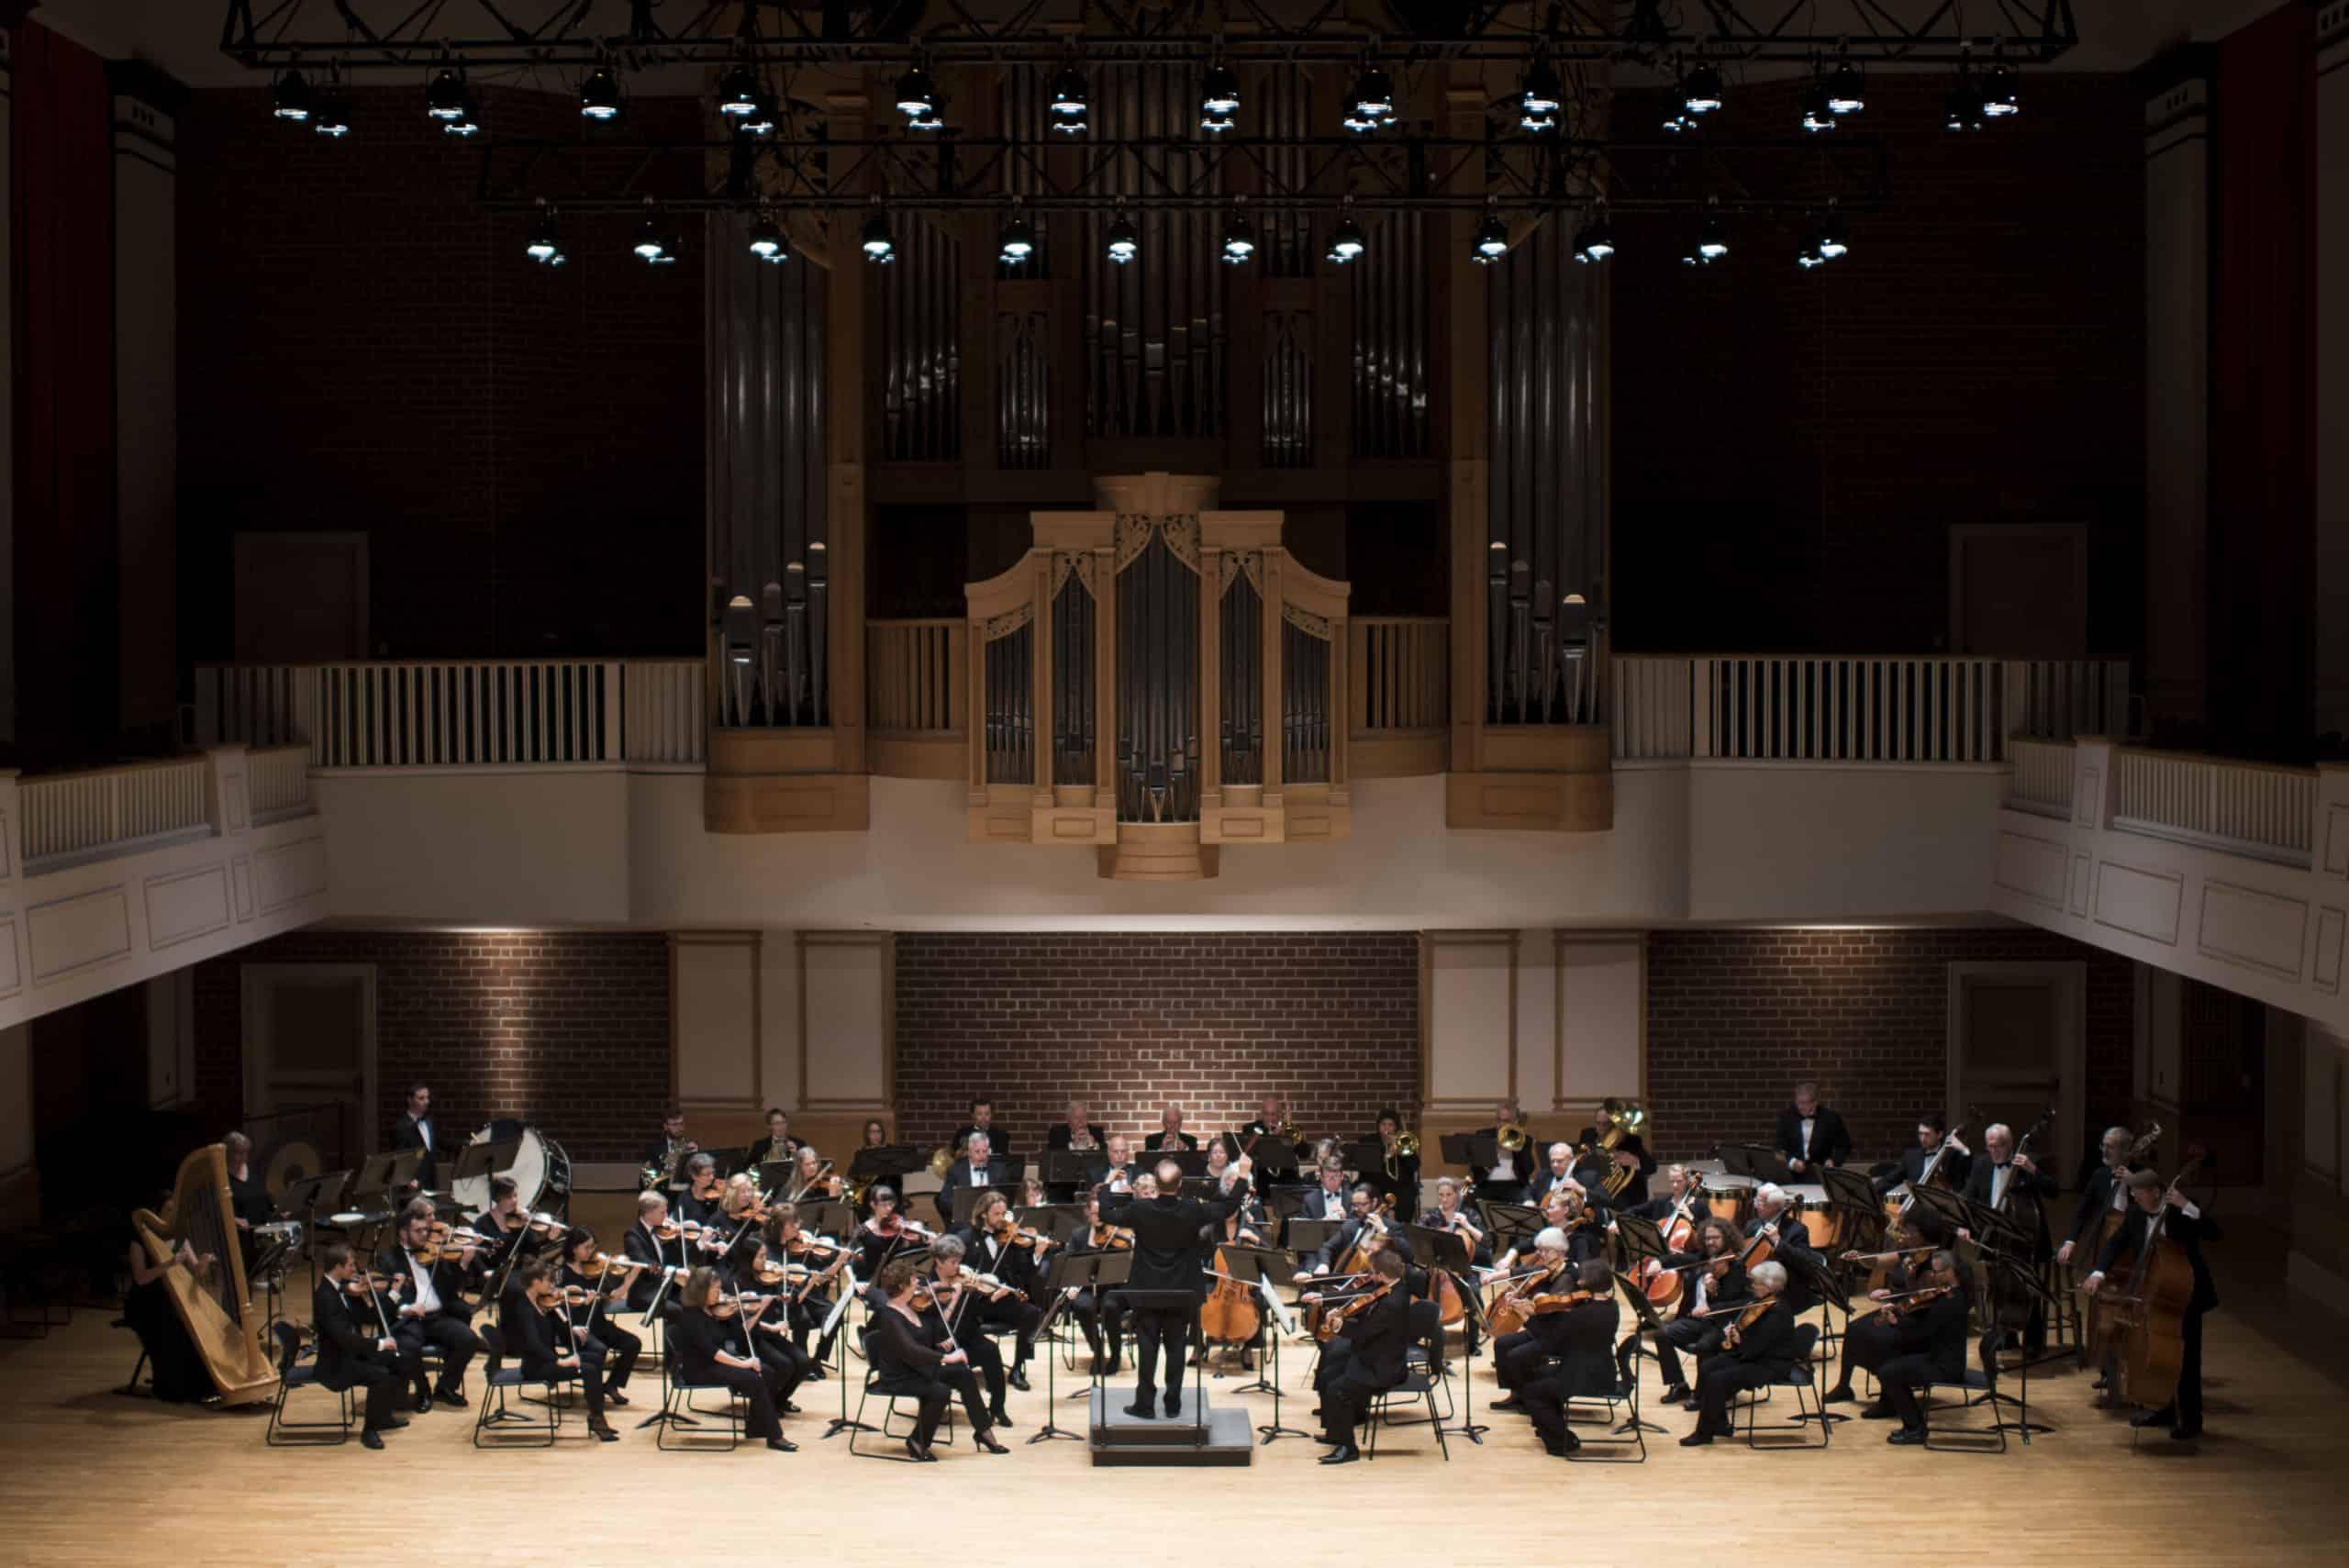 Photo of Brevard Philharmonic in the Porter Center, Kaelee Denise Photography